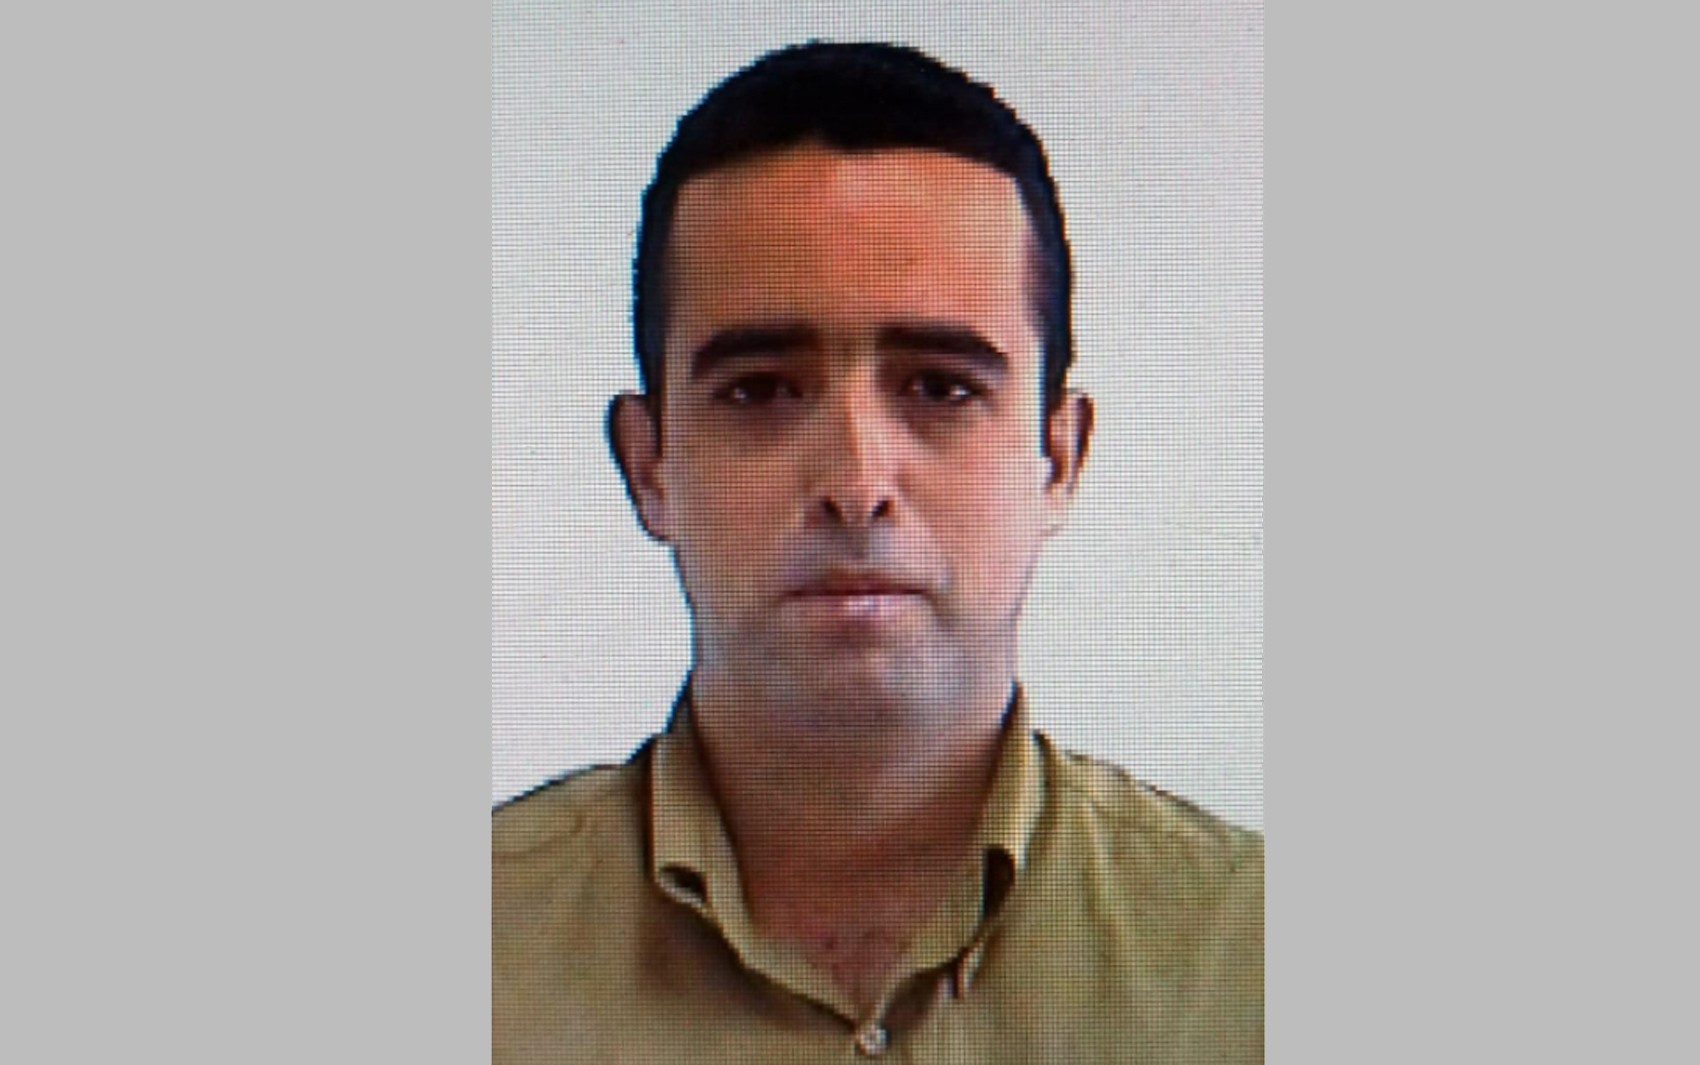 Caso Beatriz: Polícia Civil cumpre mandado de busca na casa do suspeito de apagar imagens da escola onde menina foi morta - Notícias - Plantão Diário